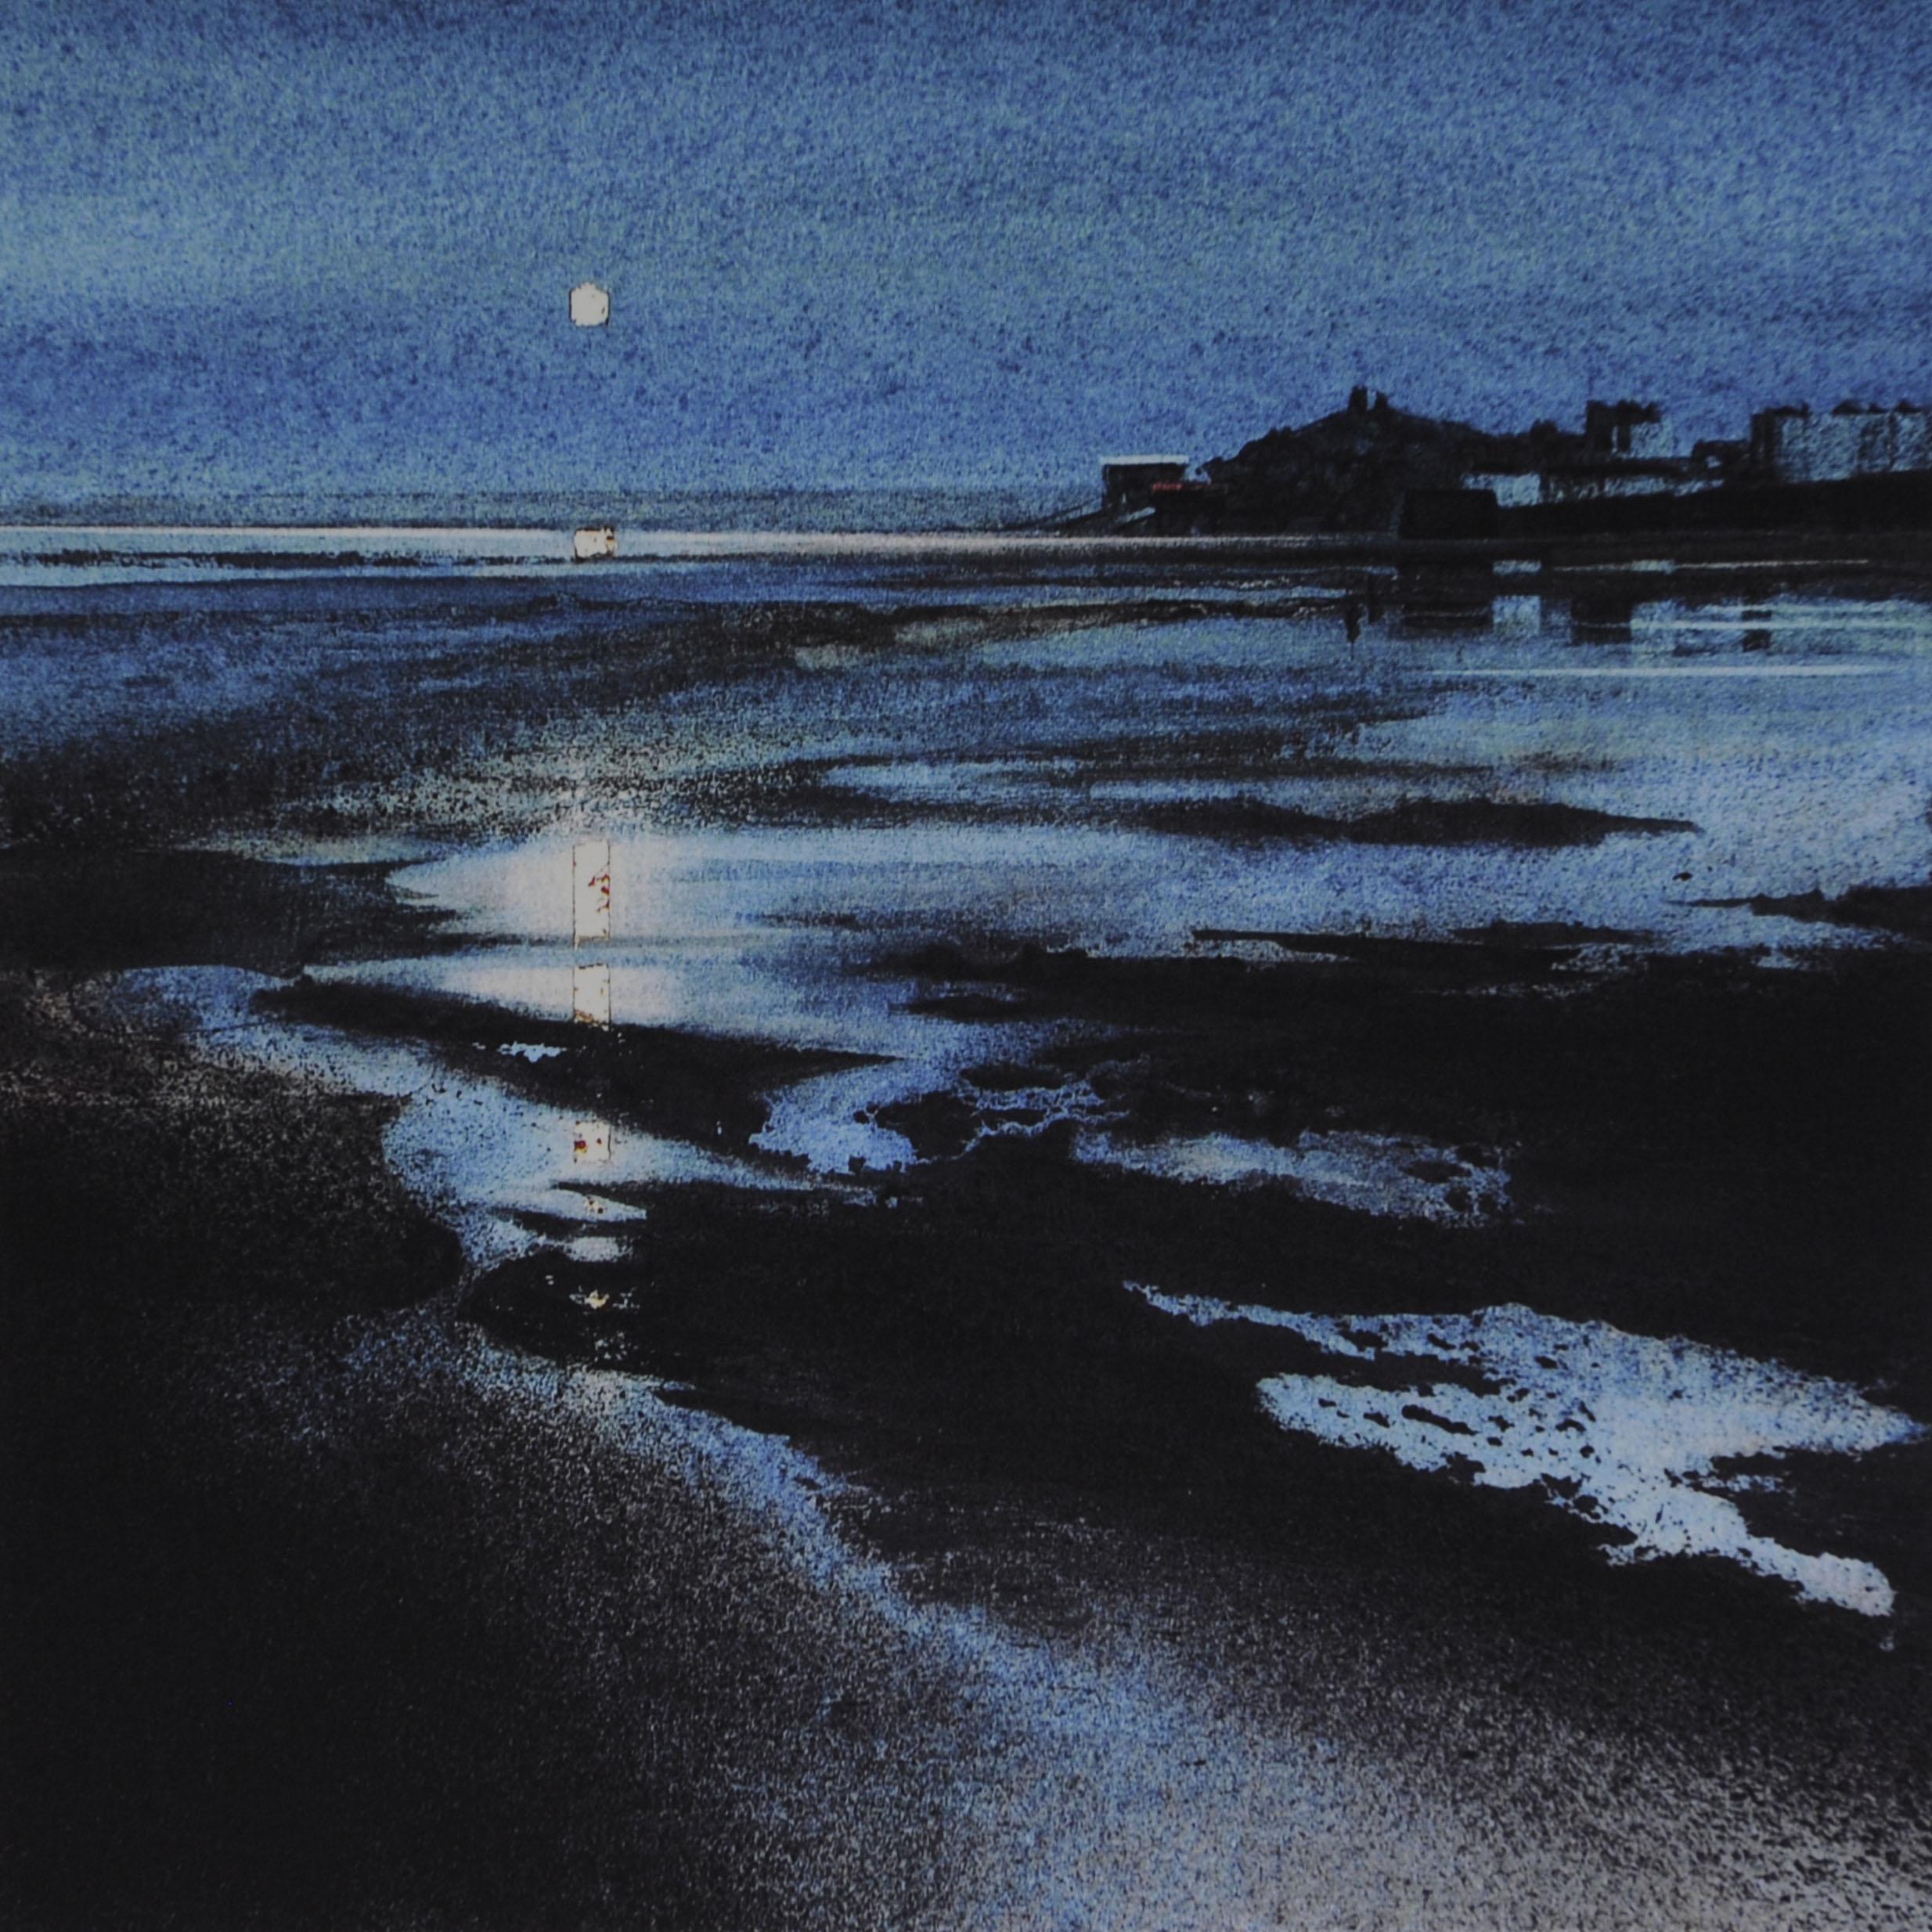 Blue Moon, Tenby 7 x 7 in £50